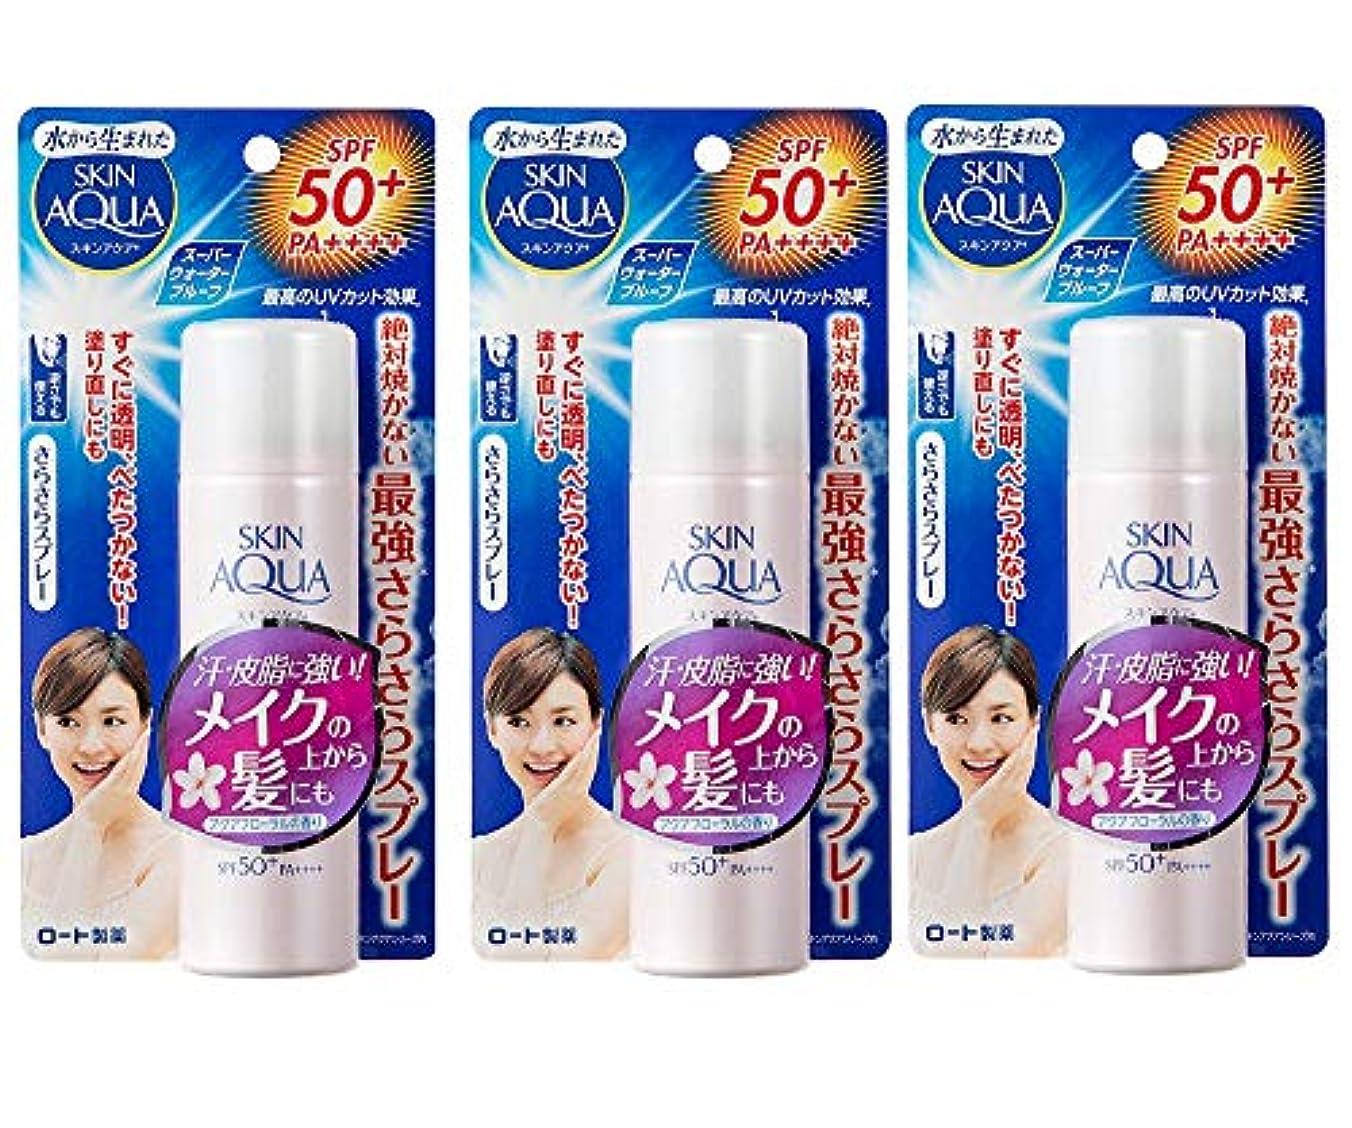 (ロート)スキンアクア サラフィットUV さらさらスプレー(SPF50+/PA++++)アクアフローラルの香り50g(お買い得3個セット)